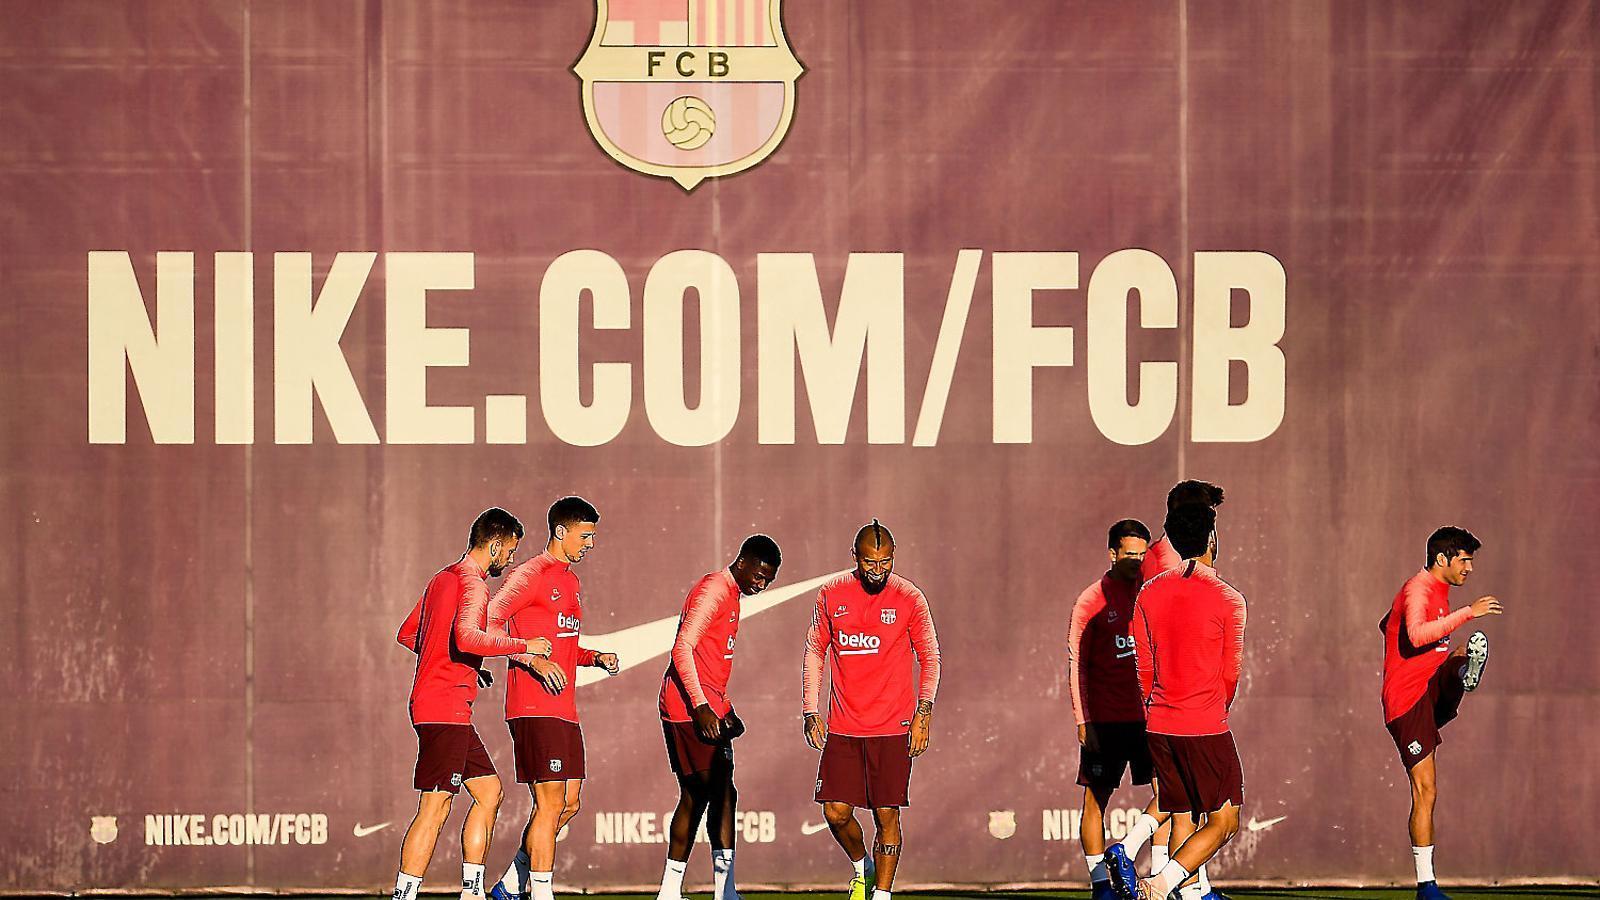 Ousmane Dembélé i Arturo Vidal, candidats a suplir en l'onze la baixa de Leo Messi, ahir durant l'entrenament del Barça.